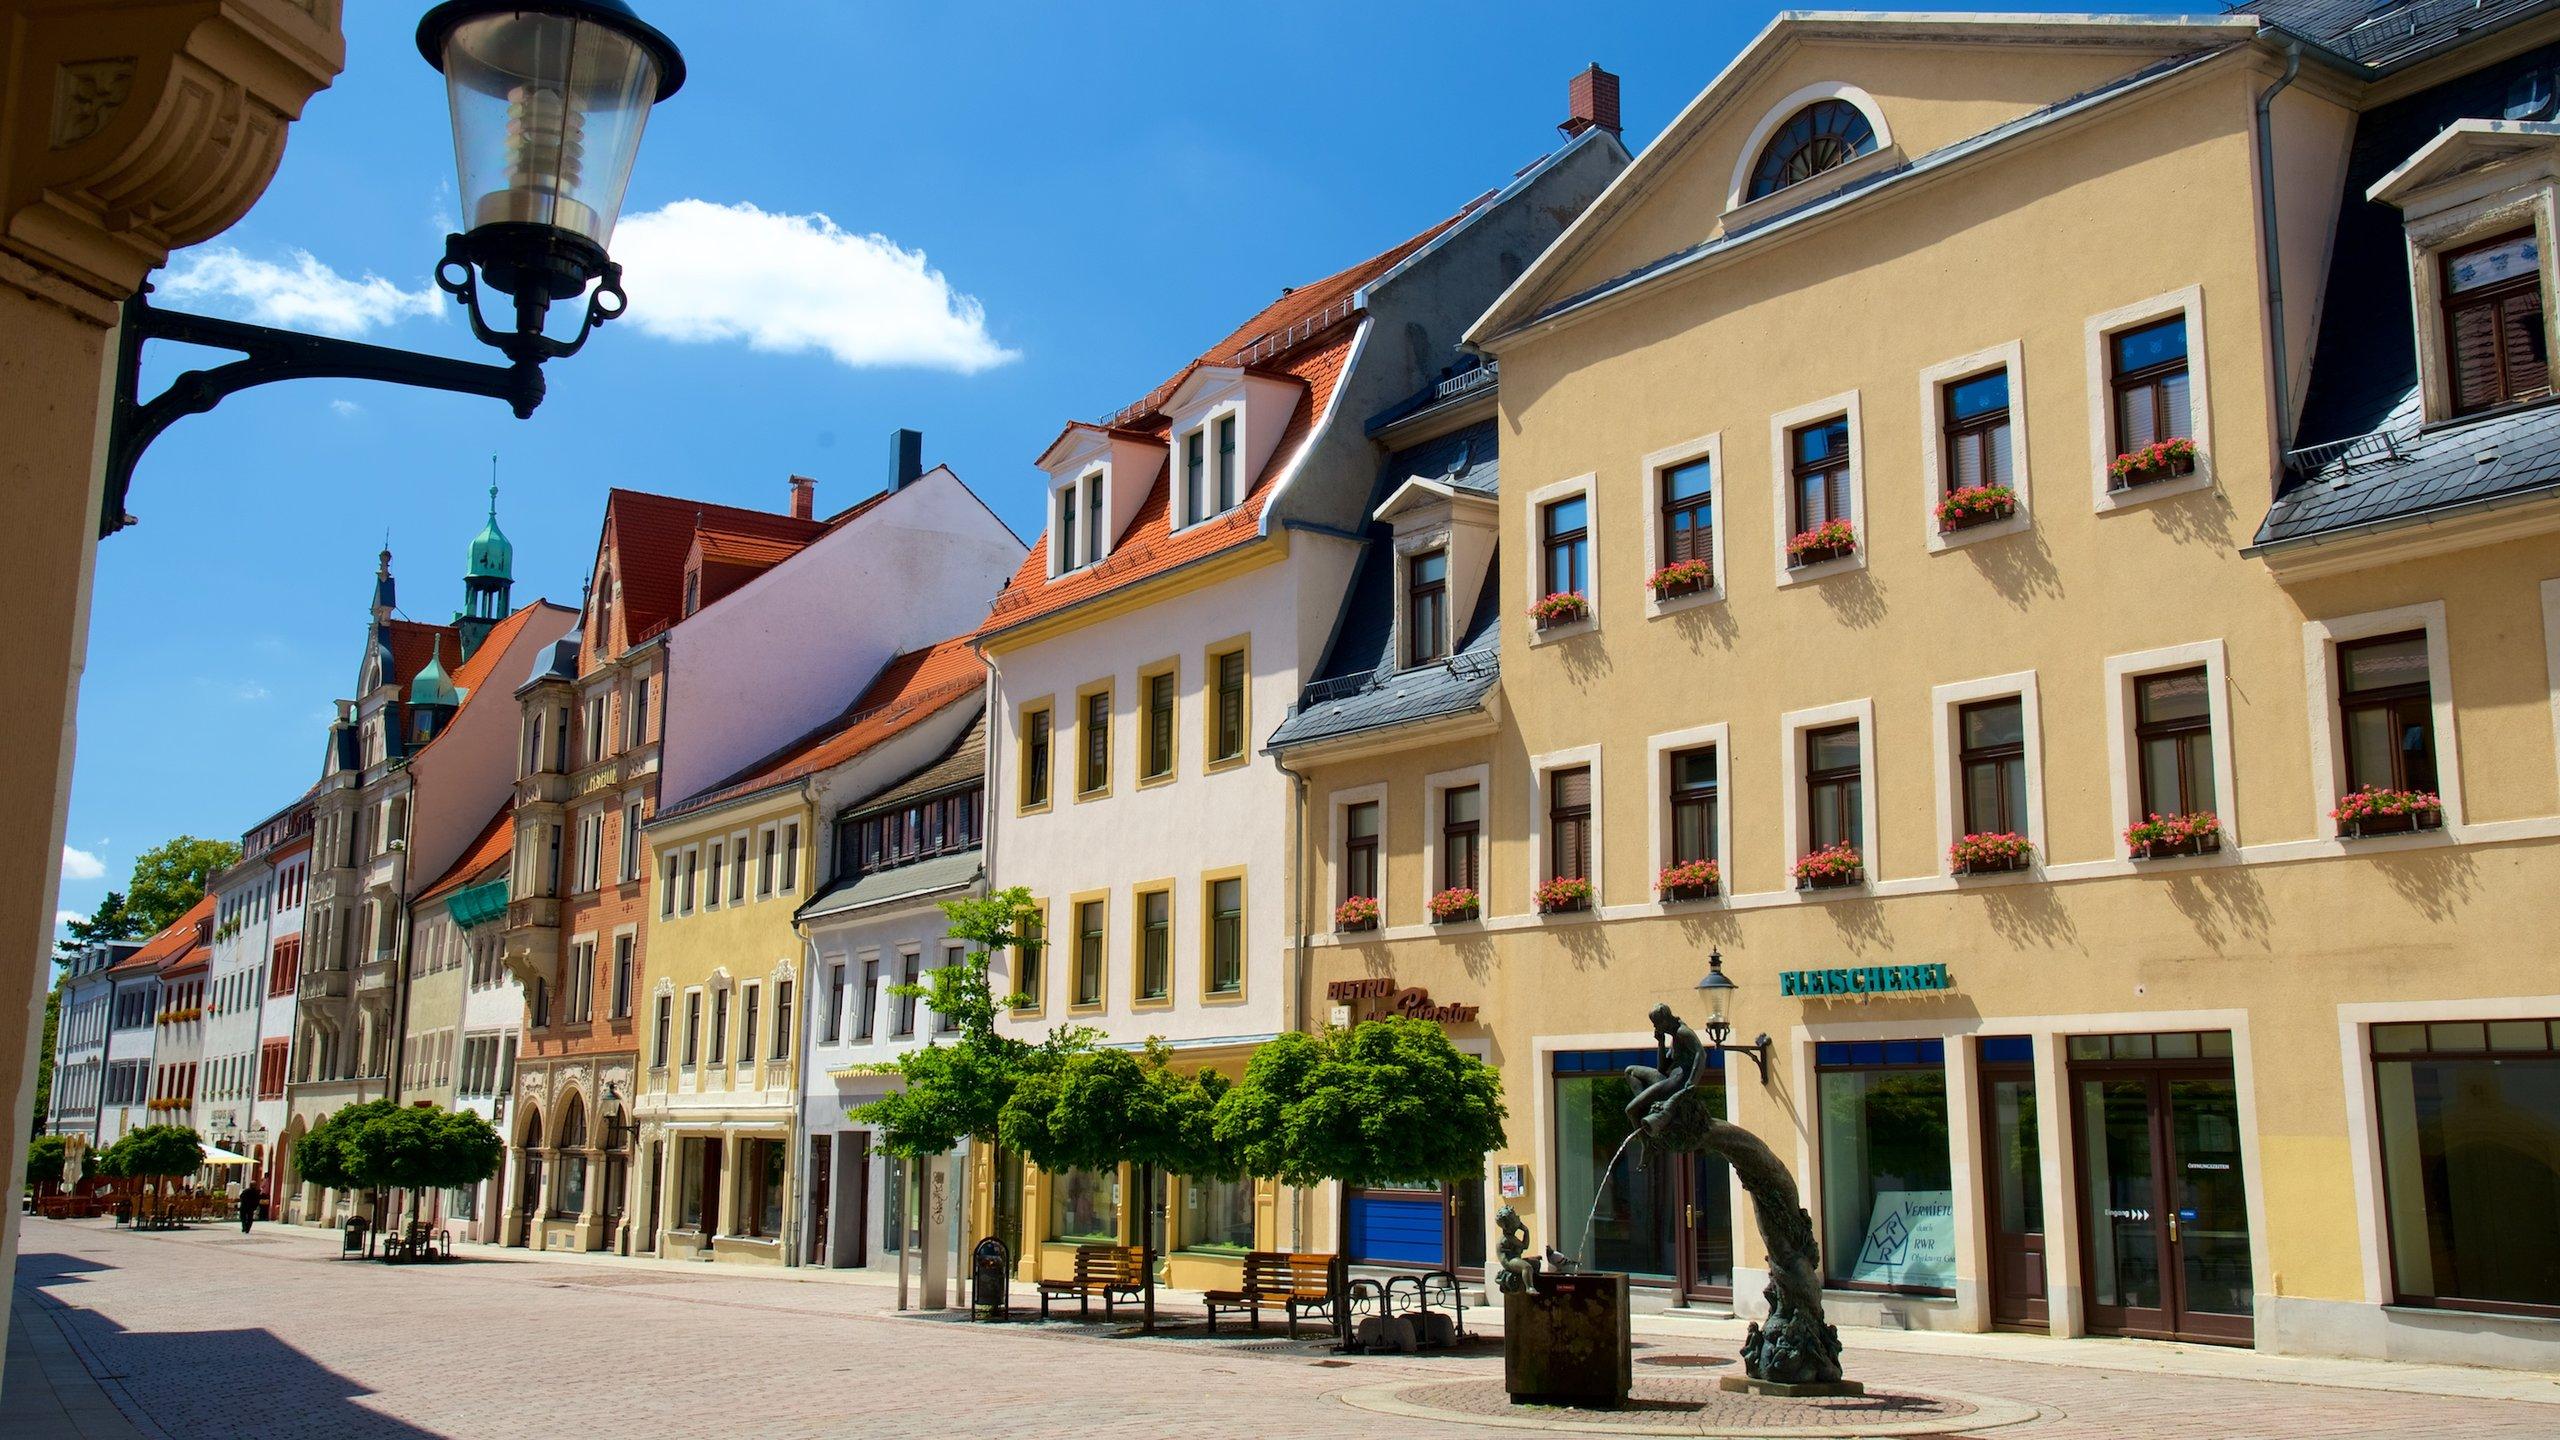 Freiberg, Saxony, Germany